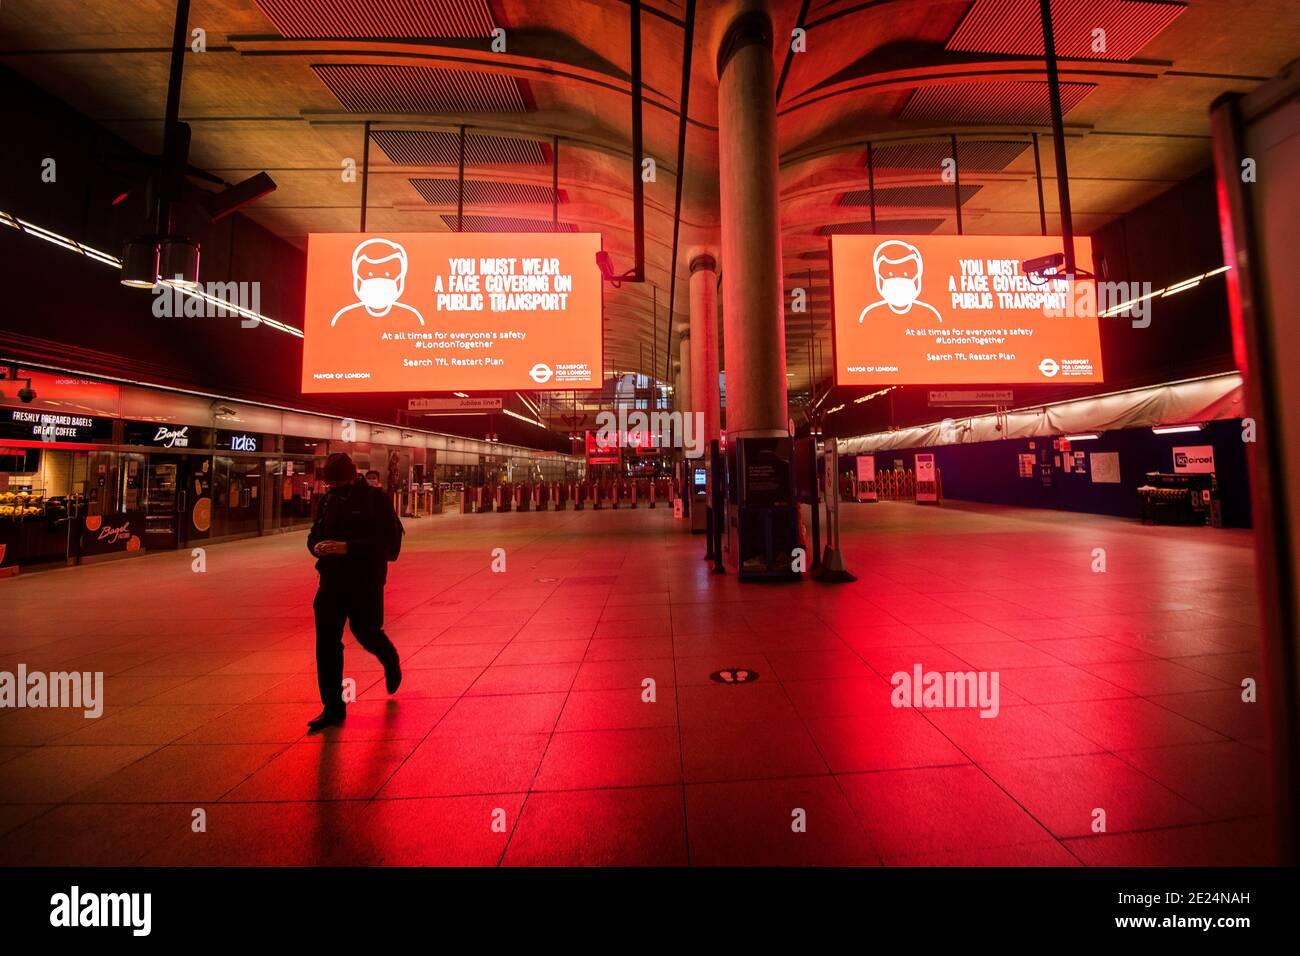 Una persona solitaria nell'atrio della stazione della metropolitana di Canary Wharf durante l'ora di punta di Londra, mentre continua il terzo blocco nazionale dell'Inghilterra per frenare la diffusione del coronavirus. Foto Stock